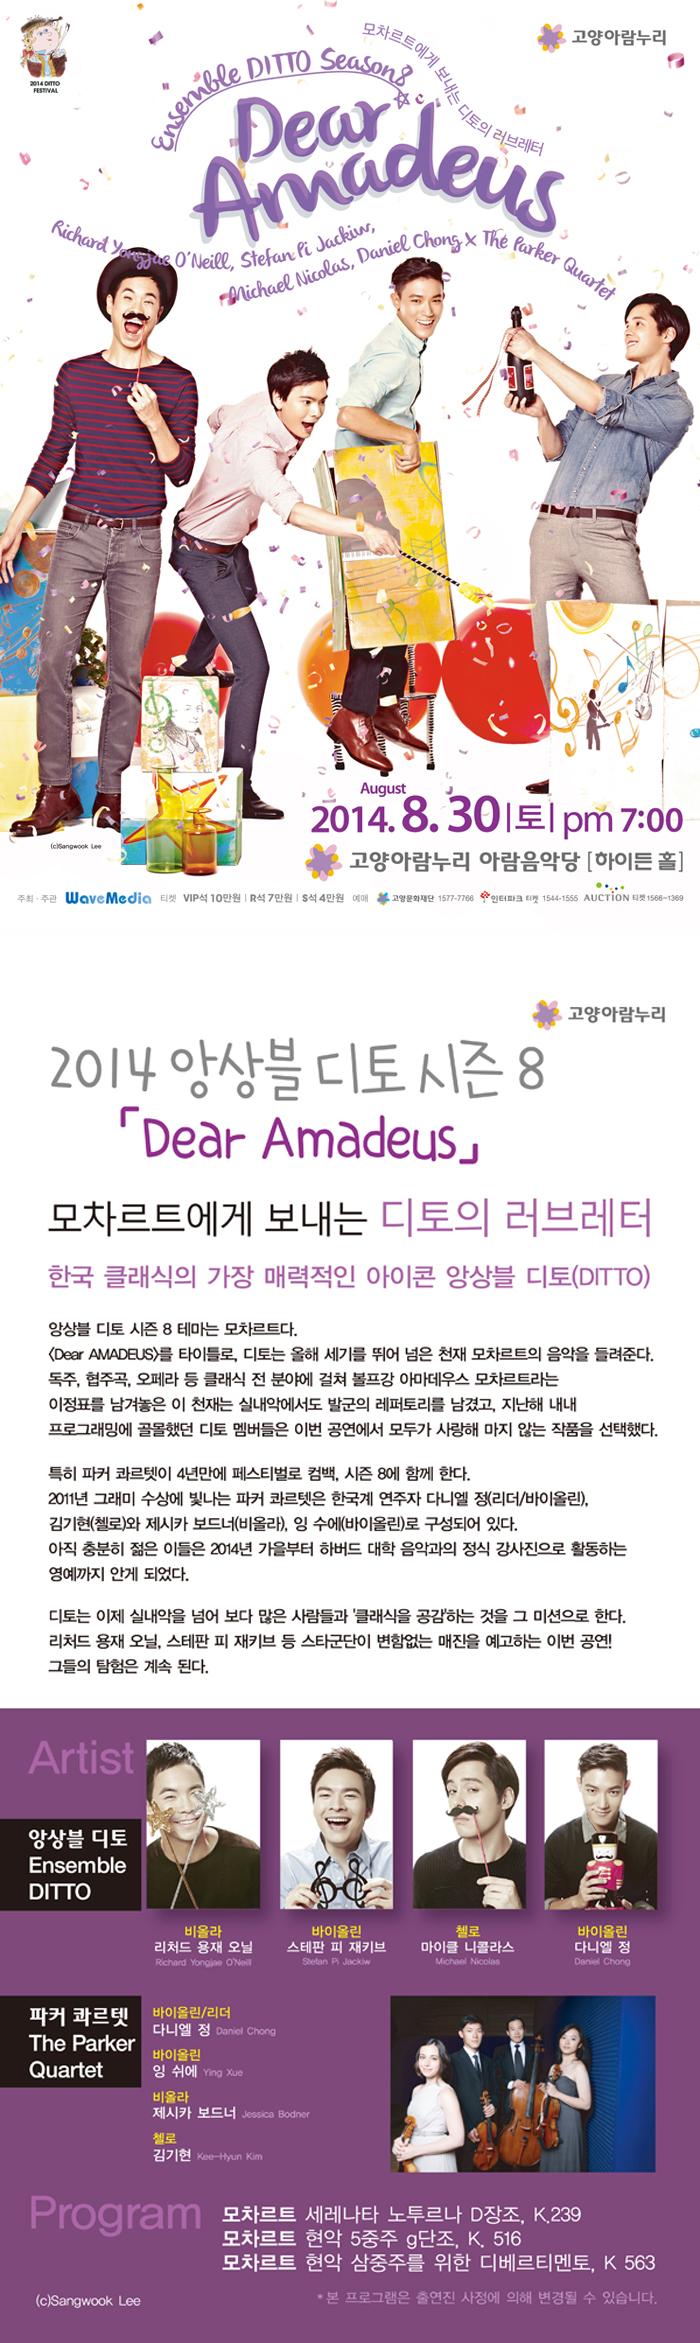 2014 앙상블 디토 시즌 8 Dear Amadeus